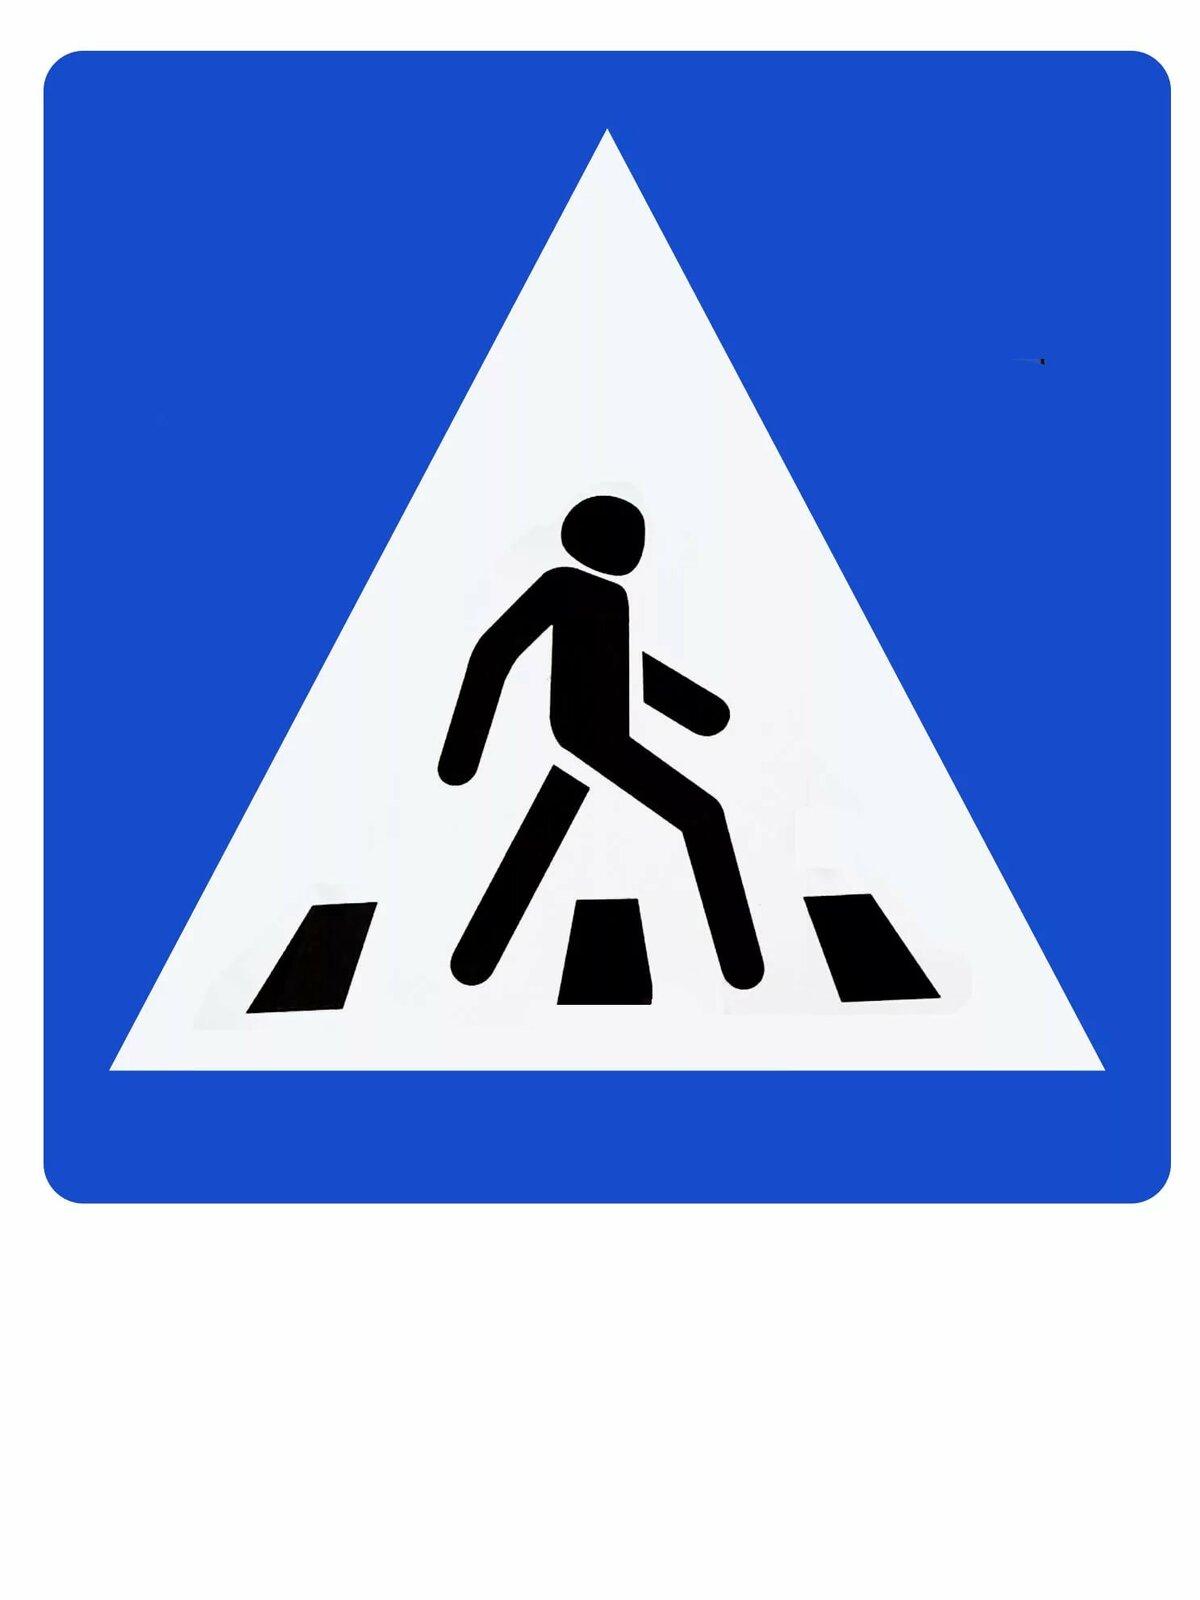 Дорожные знаки в картинках распечатать, животное